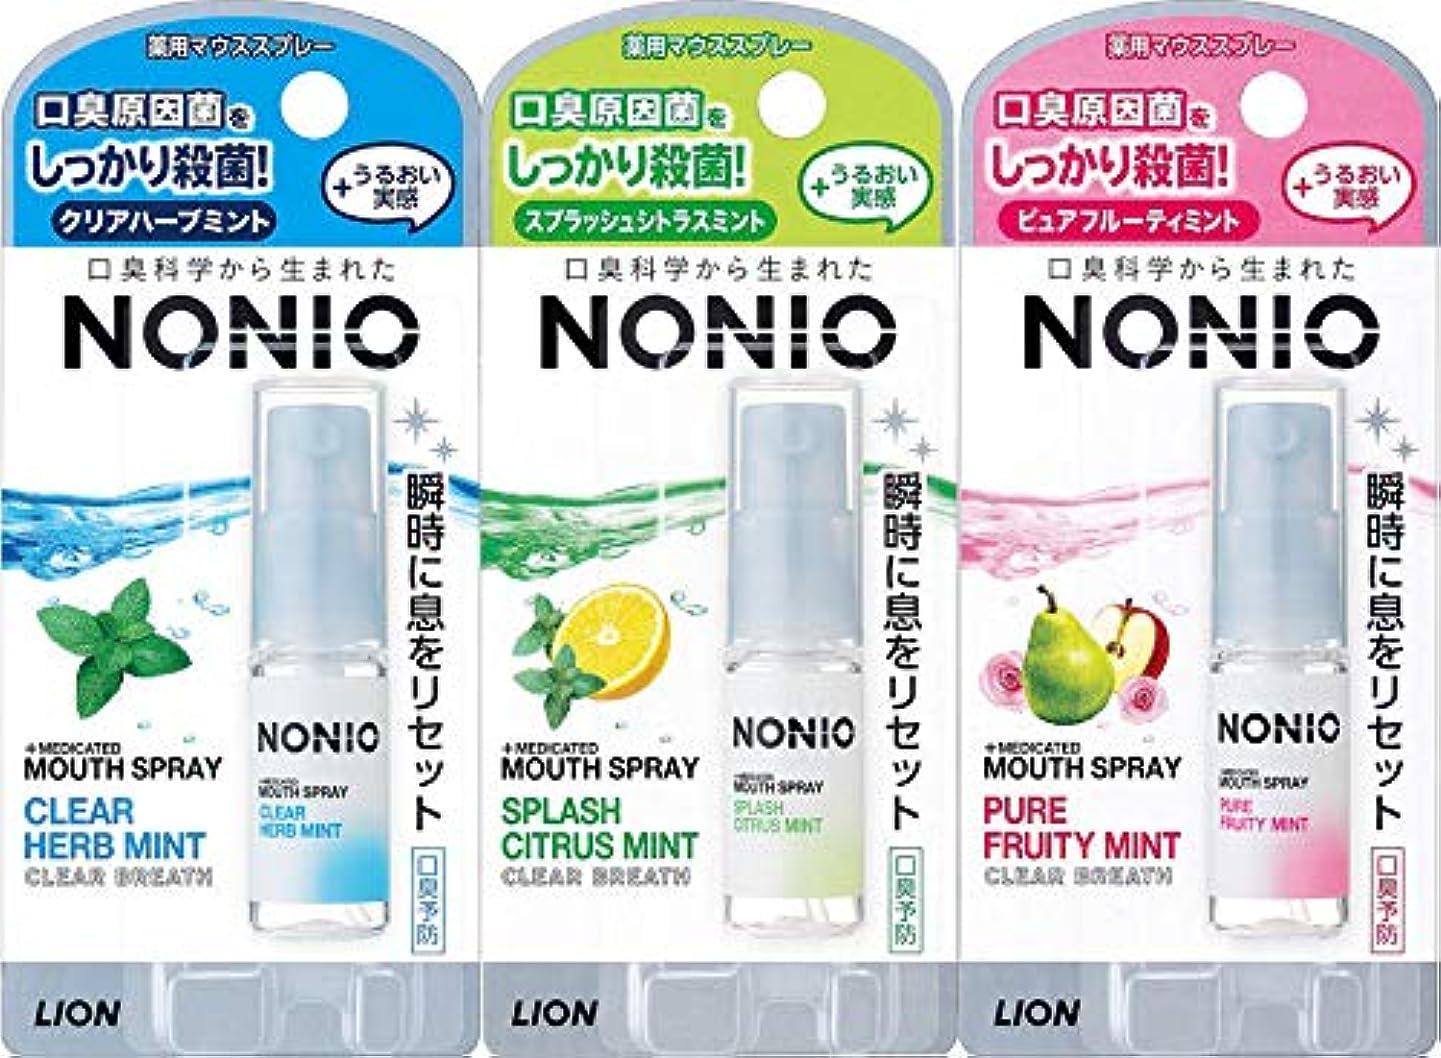 謎めいたギャラリー消化【3種セット】NONIO マウススプレー 5ml